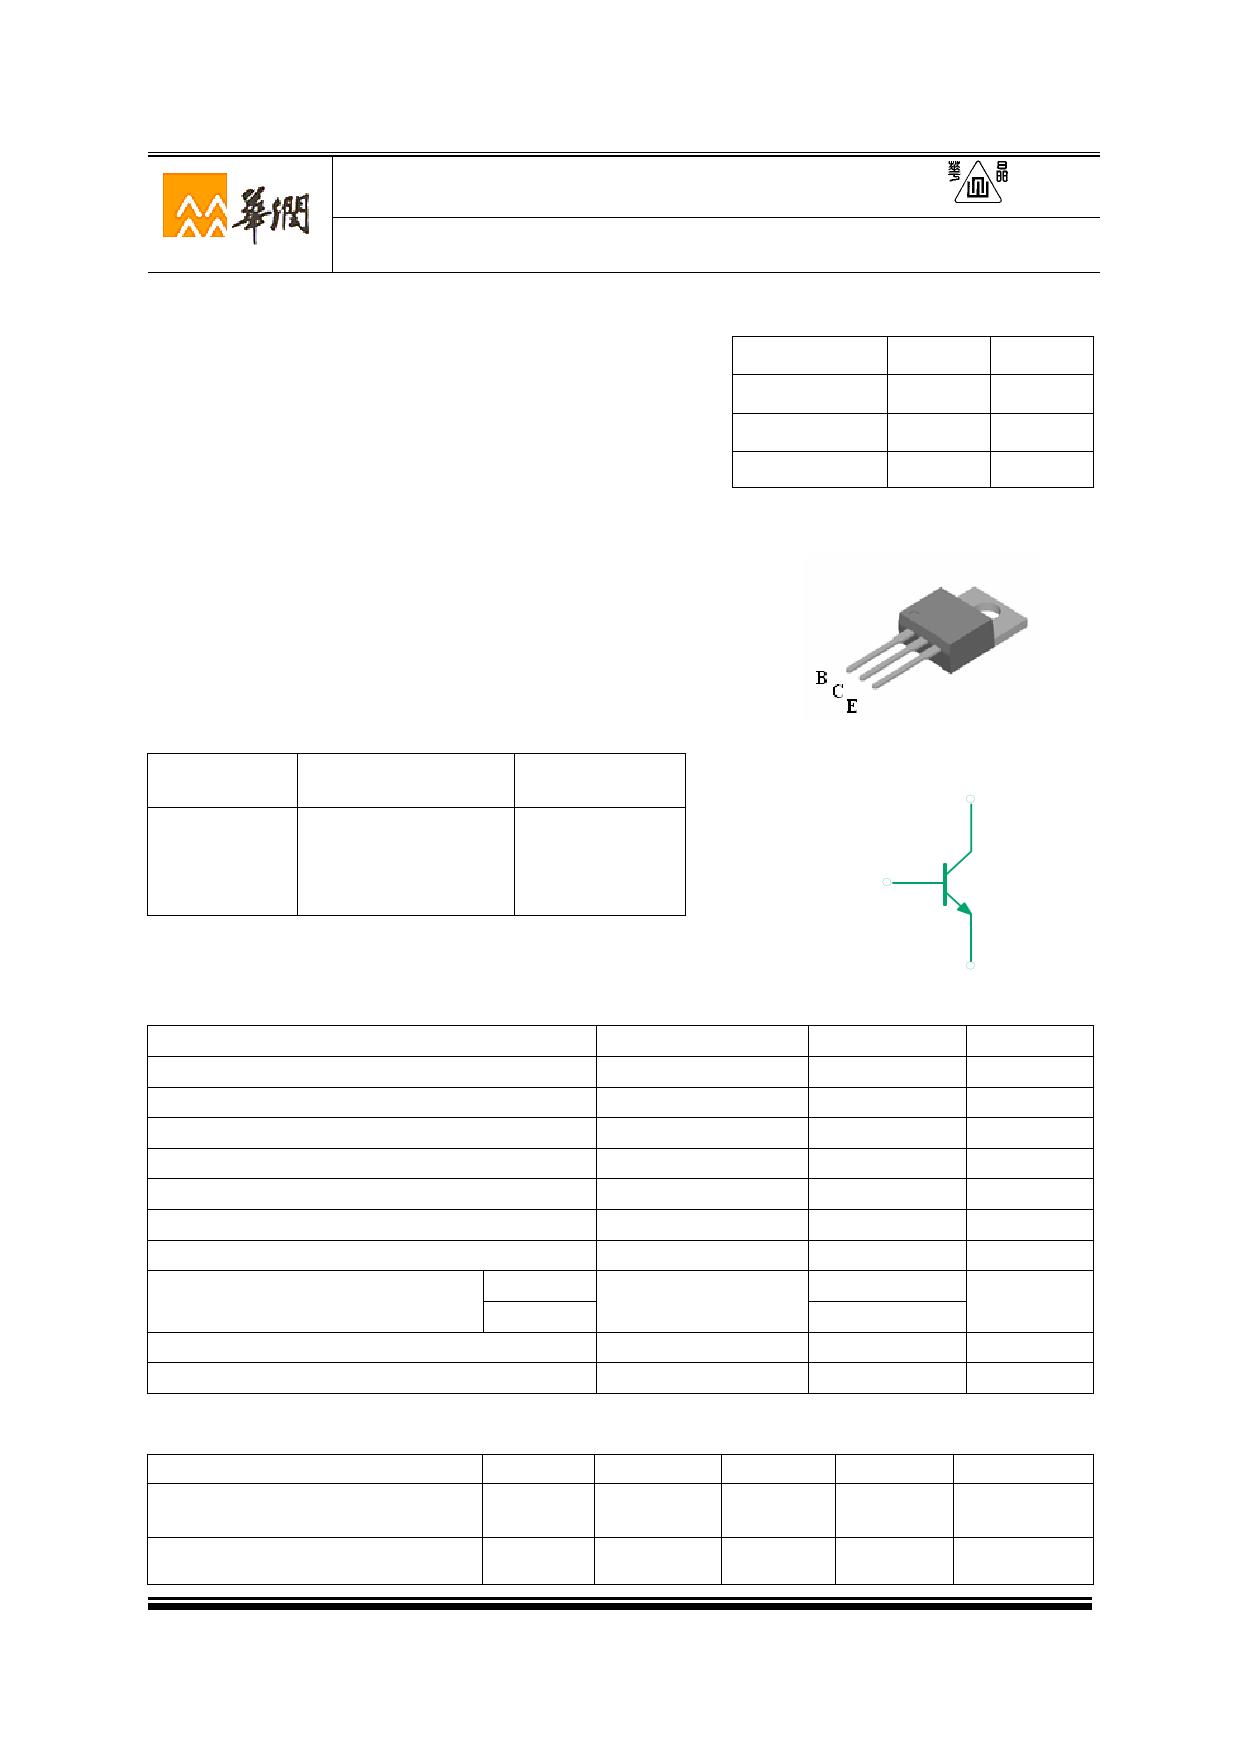 3DD742A8 Datasheet, 3DD742A8 PDF,ピン配置, 機能